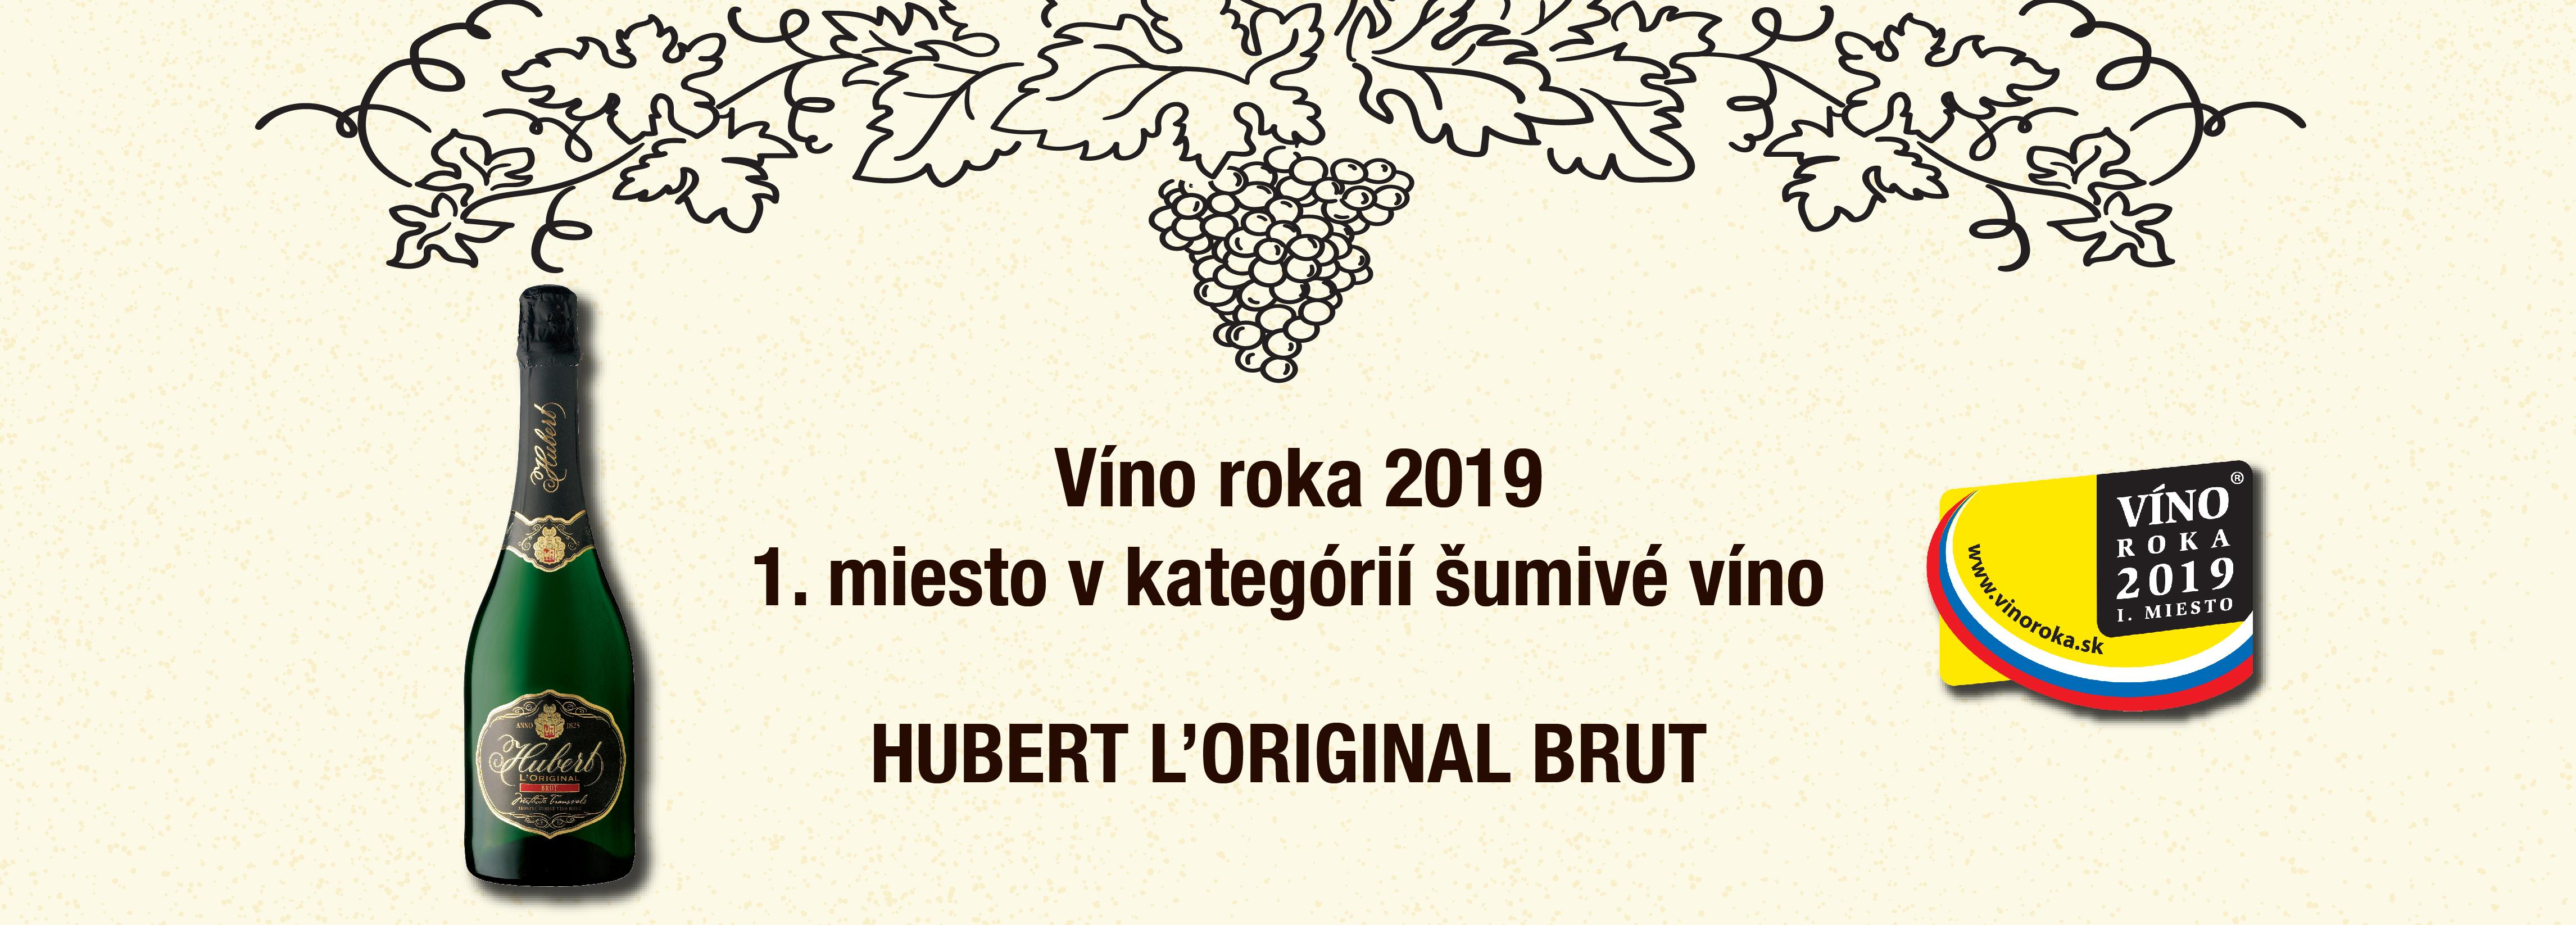 Prvé miesto v kategórii šumivé vína v ankete roka 2019 získal Hubert L'Original Brut